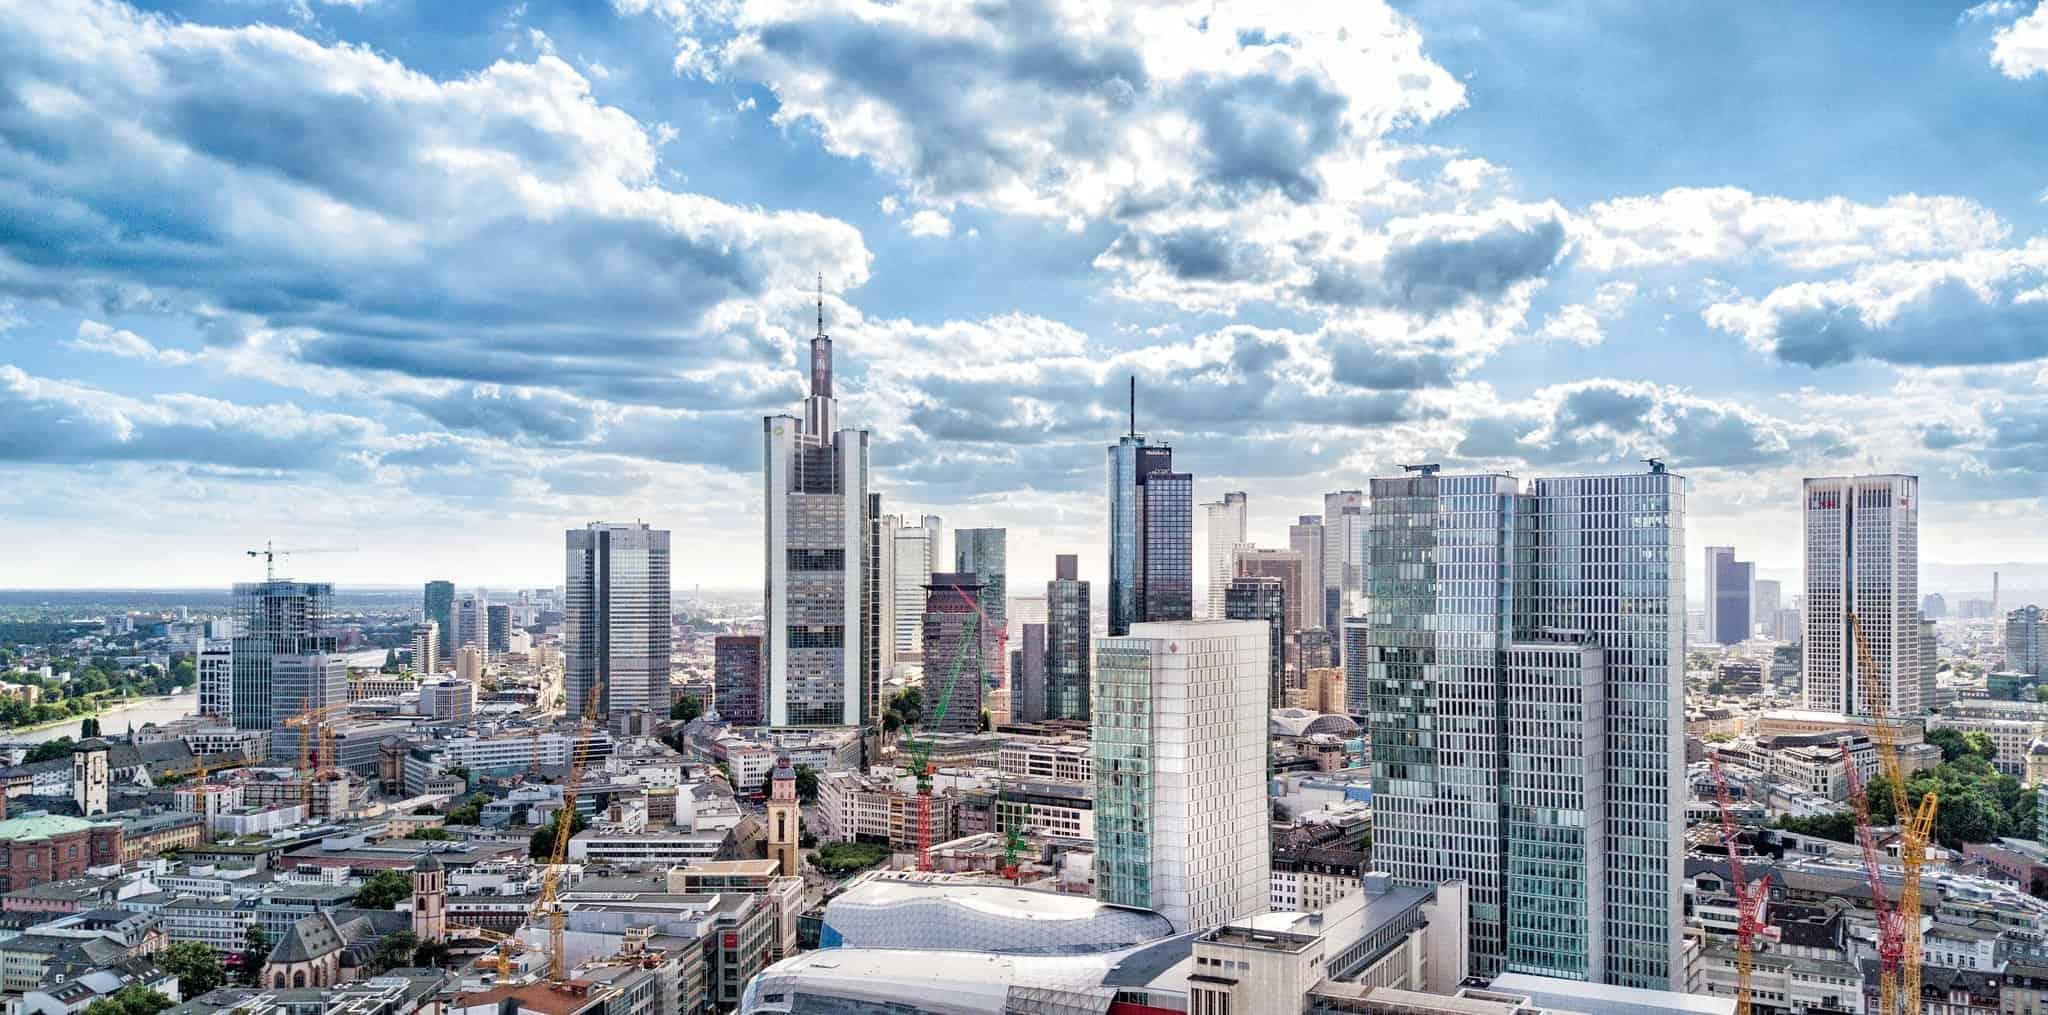 تقرير بالتفصيل عن فندق جميرا فرانكفورت المانيا